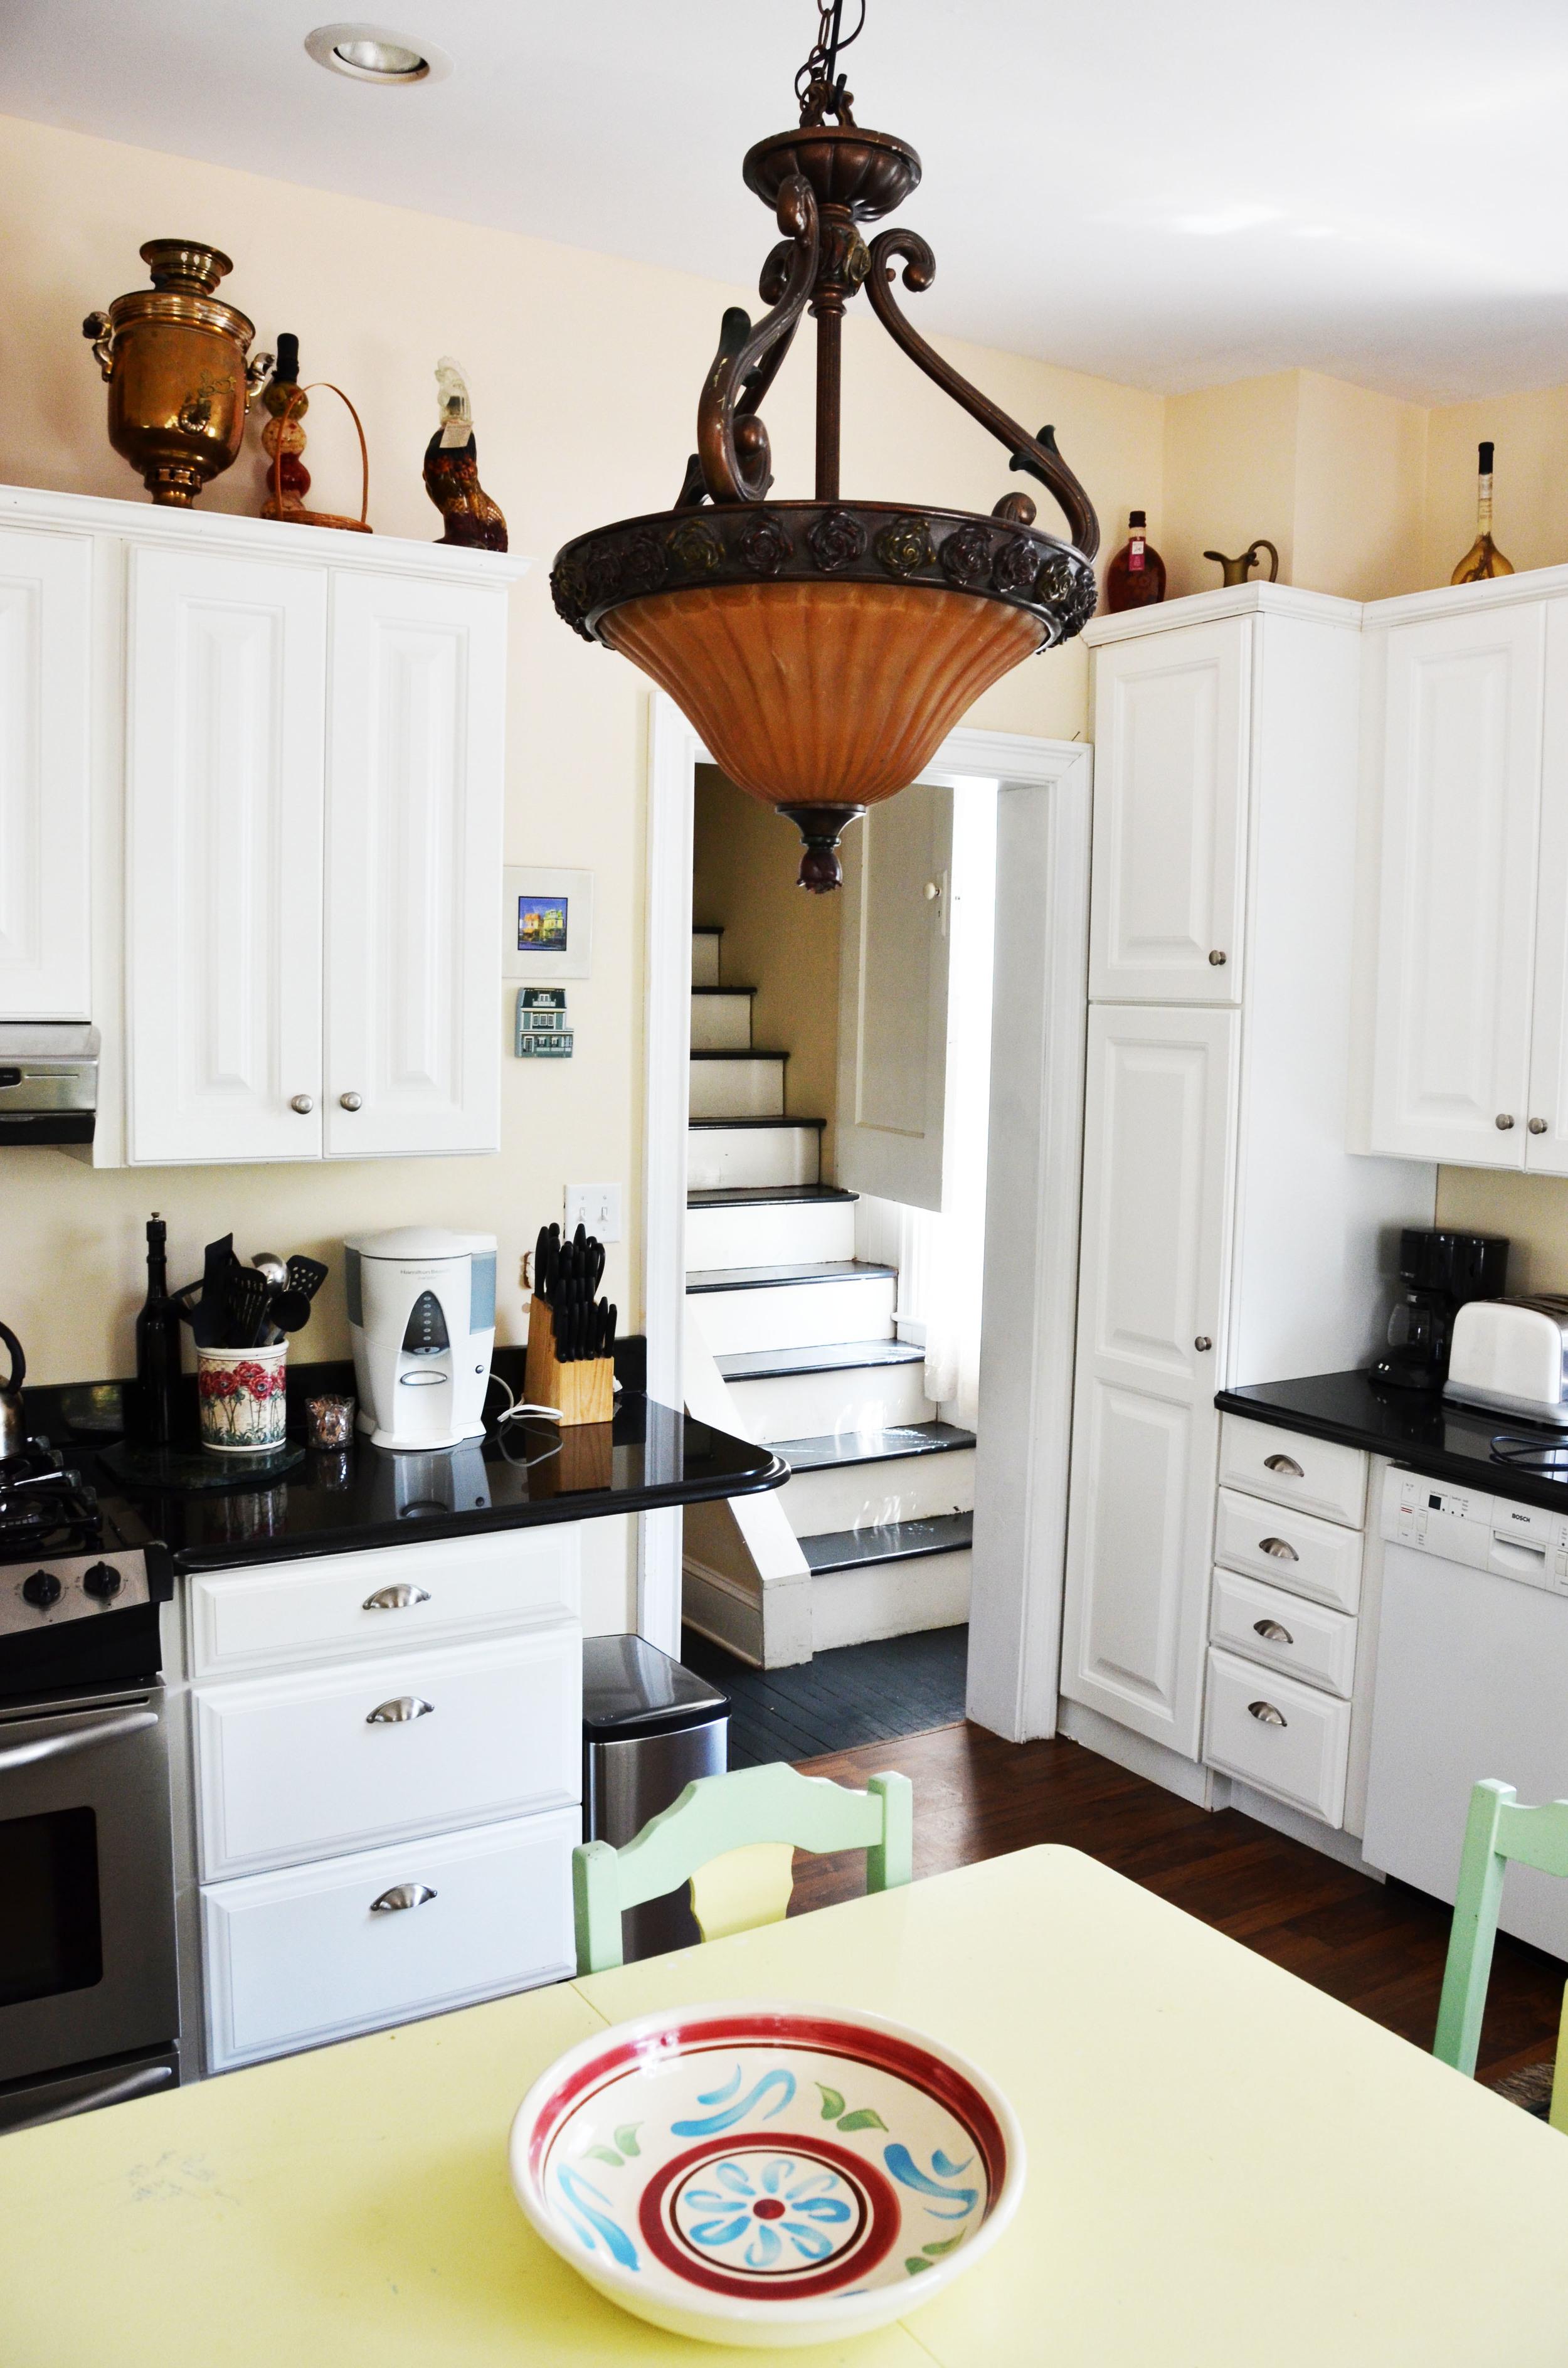 Kitchen2-12 copy.jpg